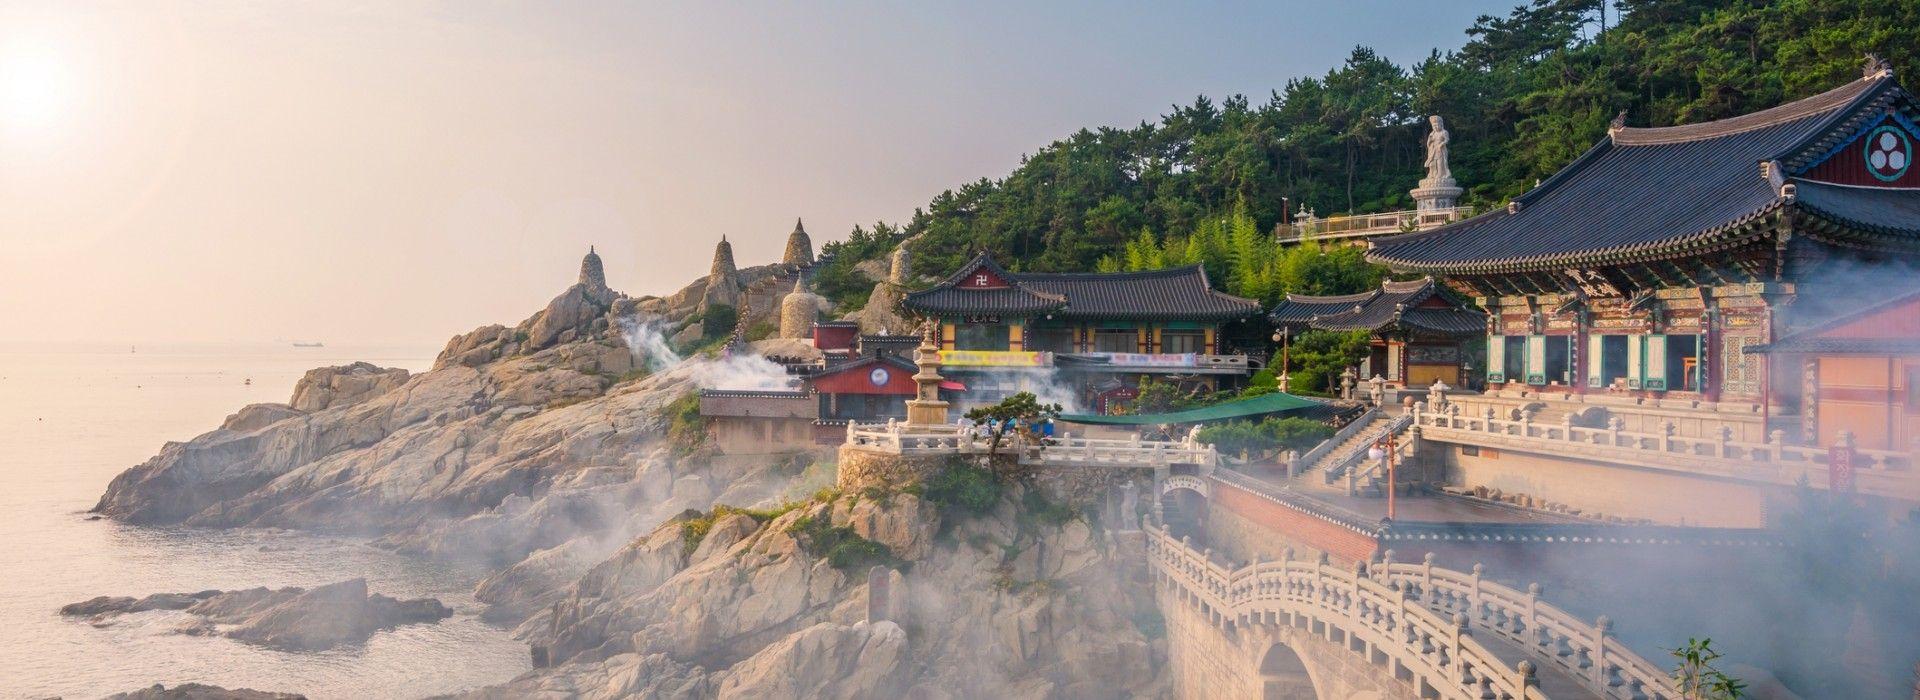 Beaches Tours in South Korea